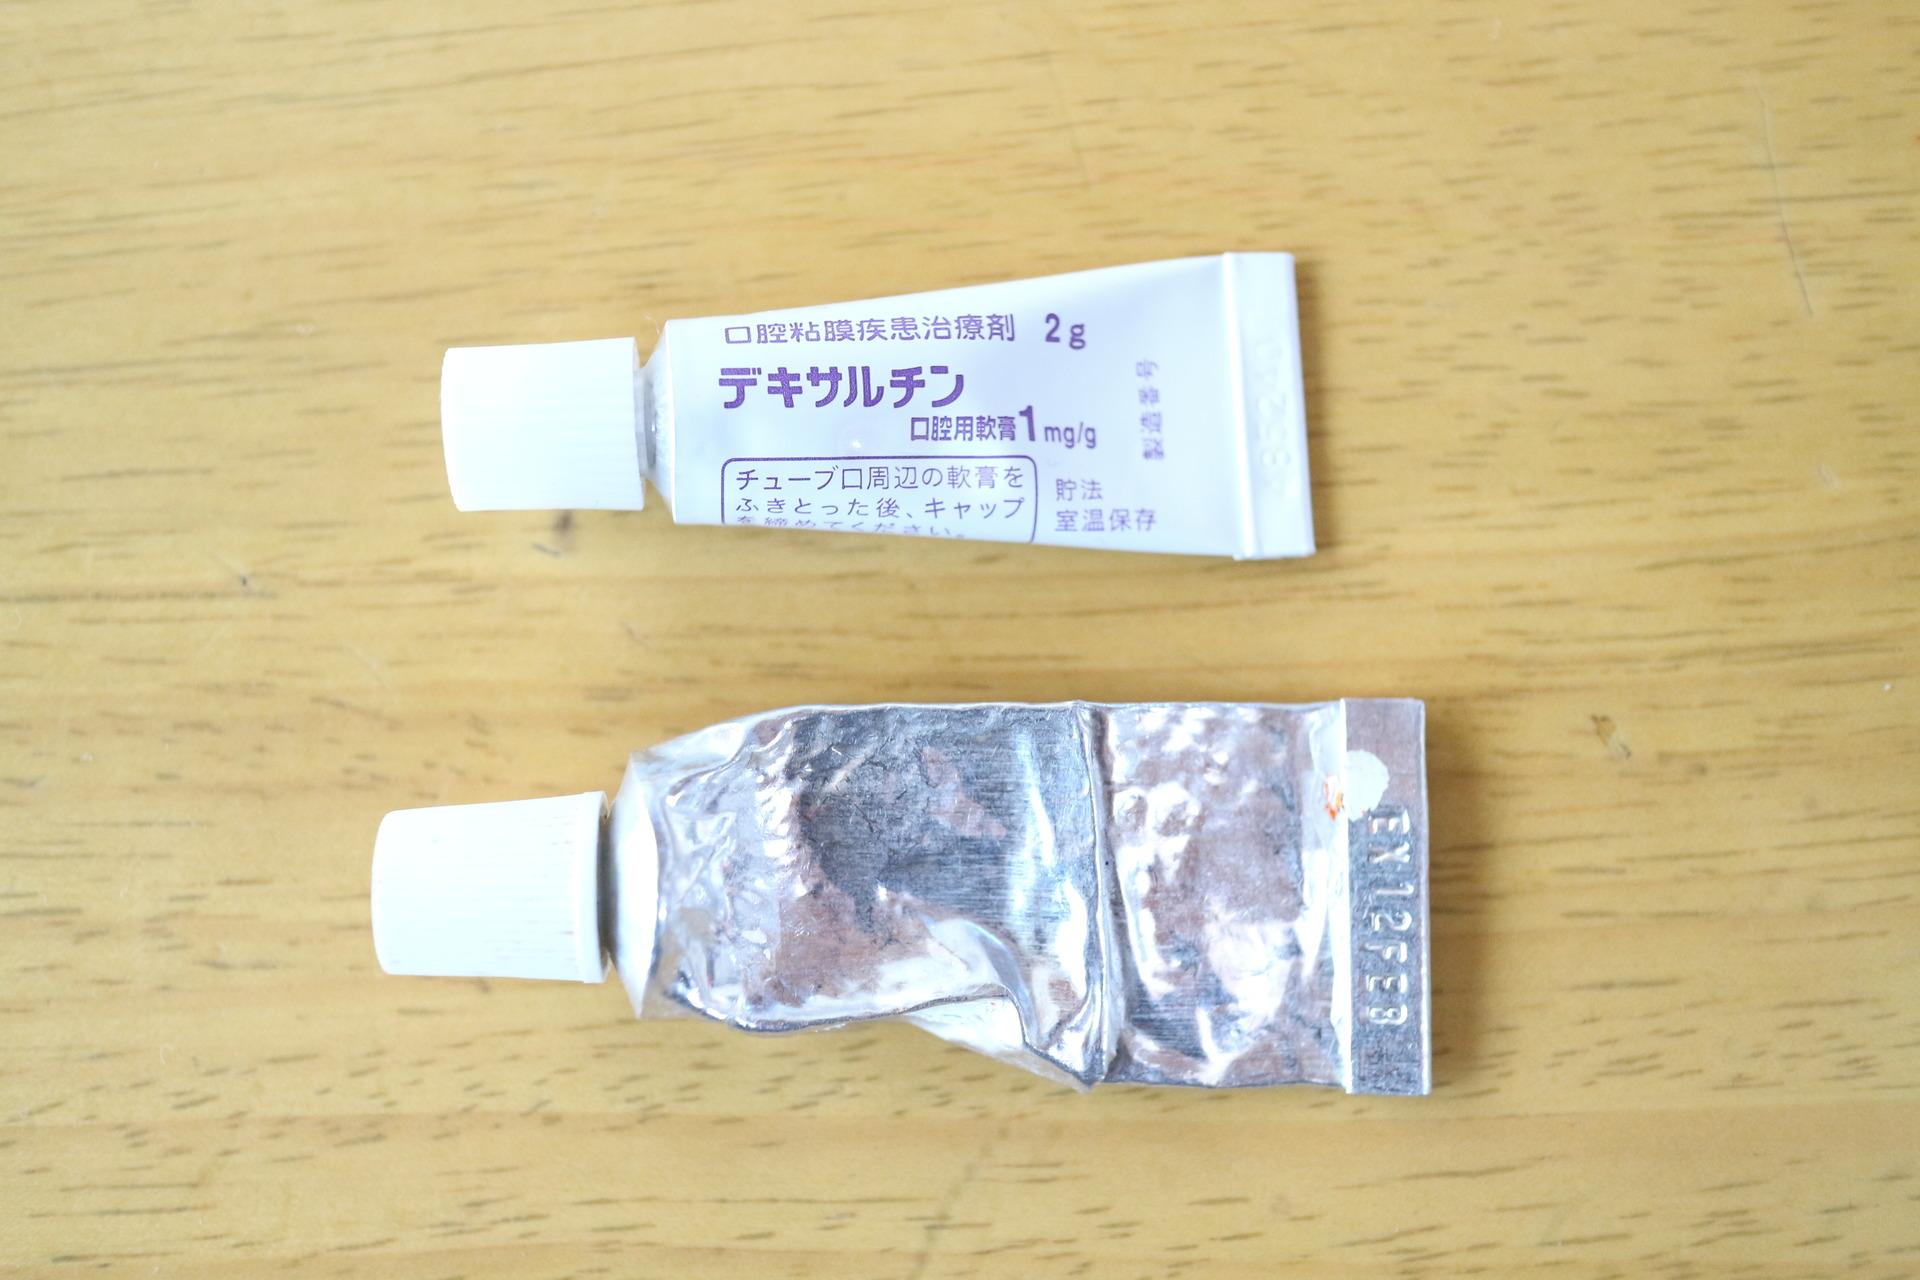 口腔 軟膏 デキサルチン 用 ケナログ口腔用軟膏が販売中止になる理由と代替薬